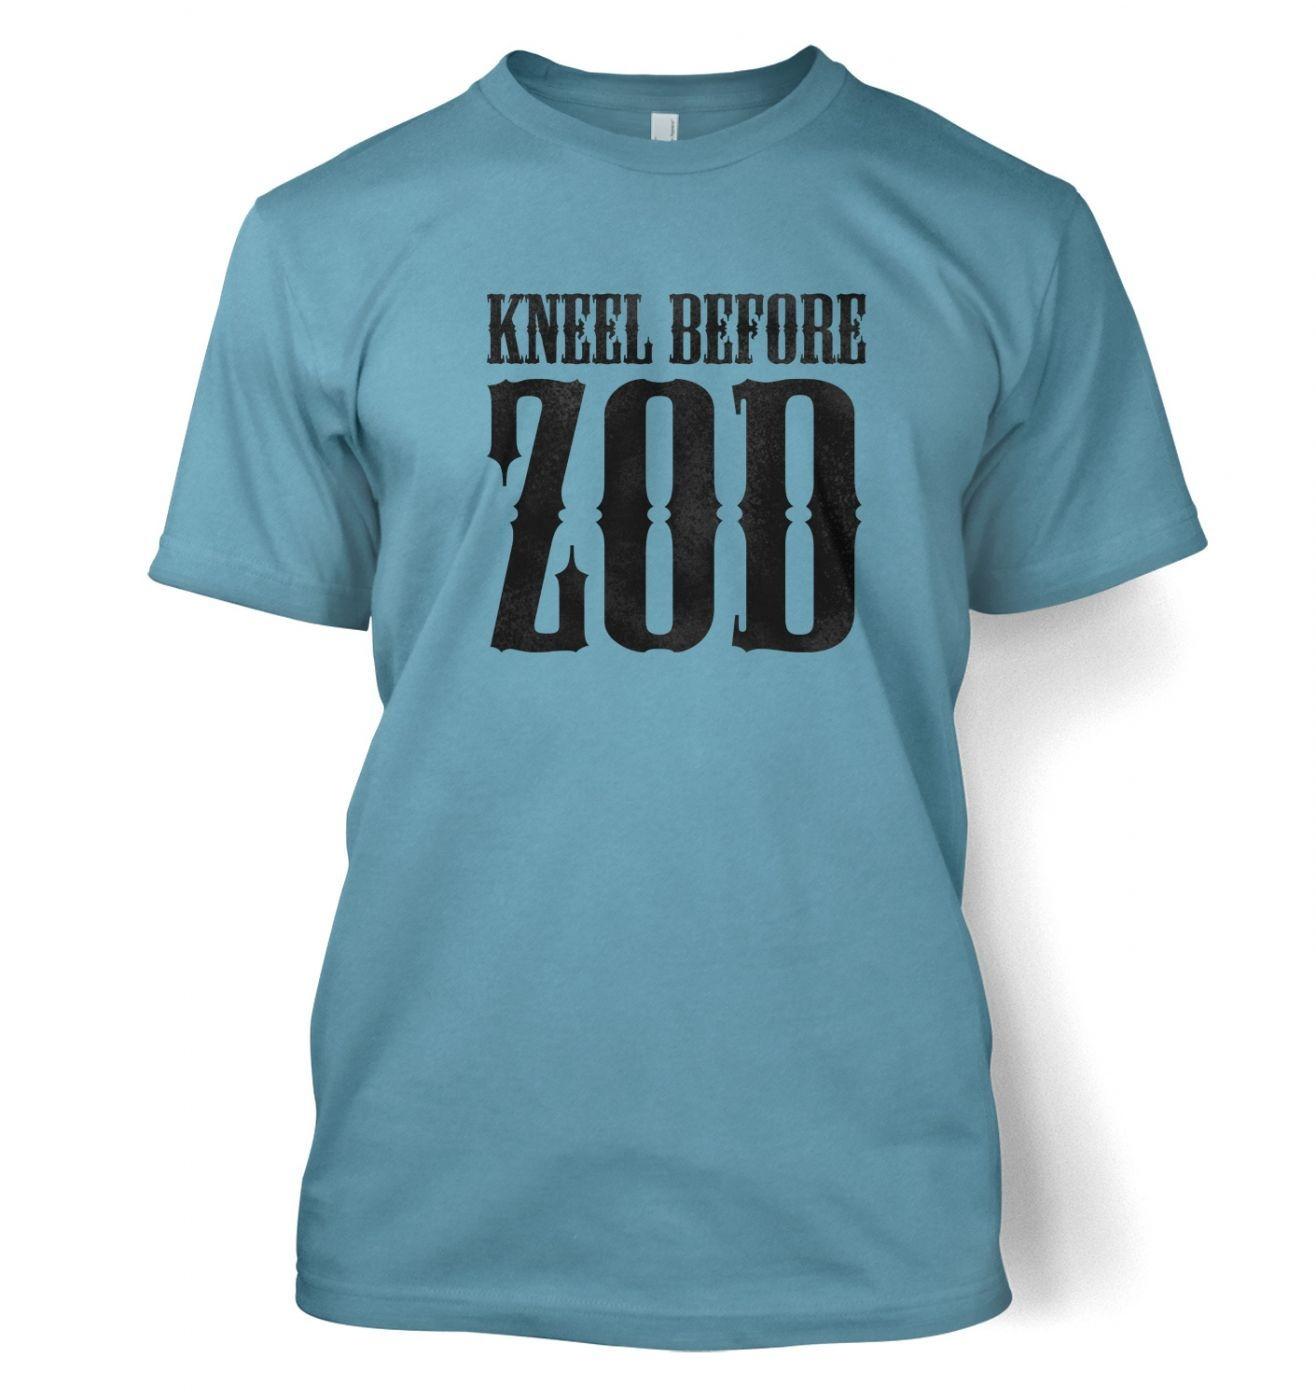 Kneel before Zod men's t-shirt